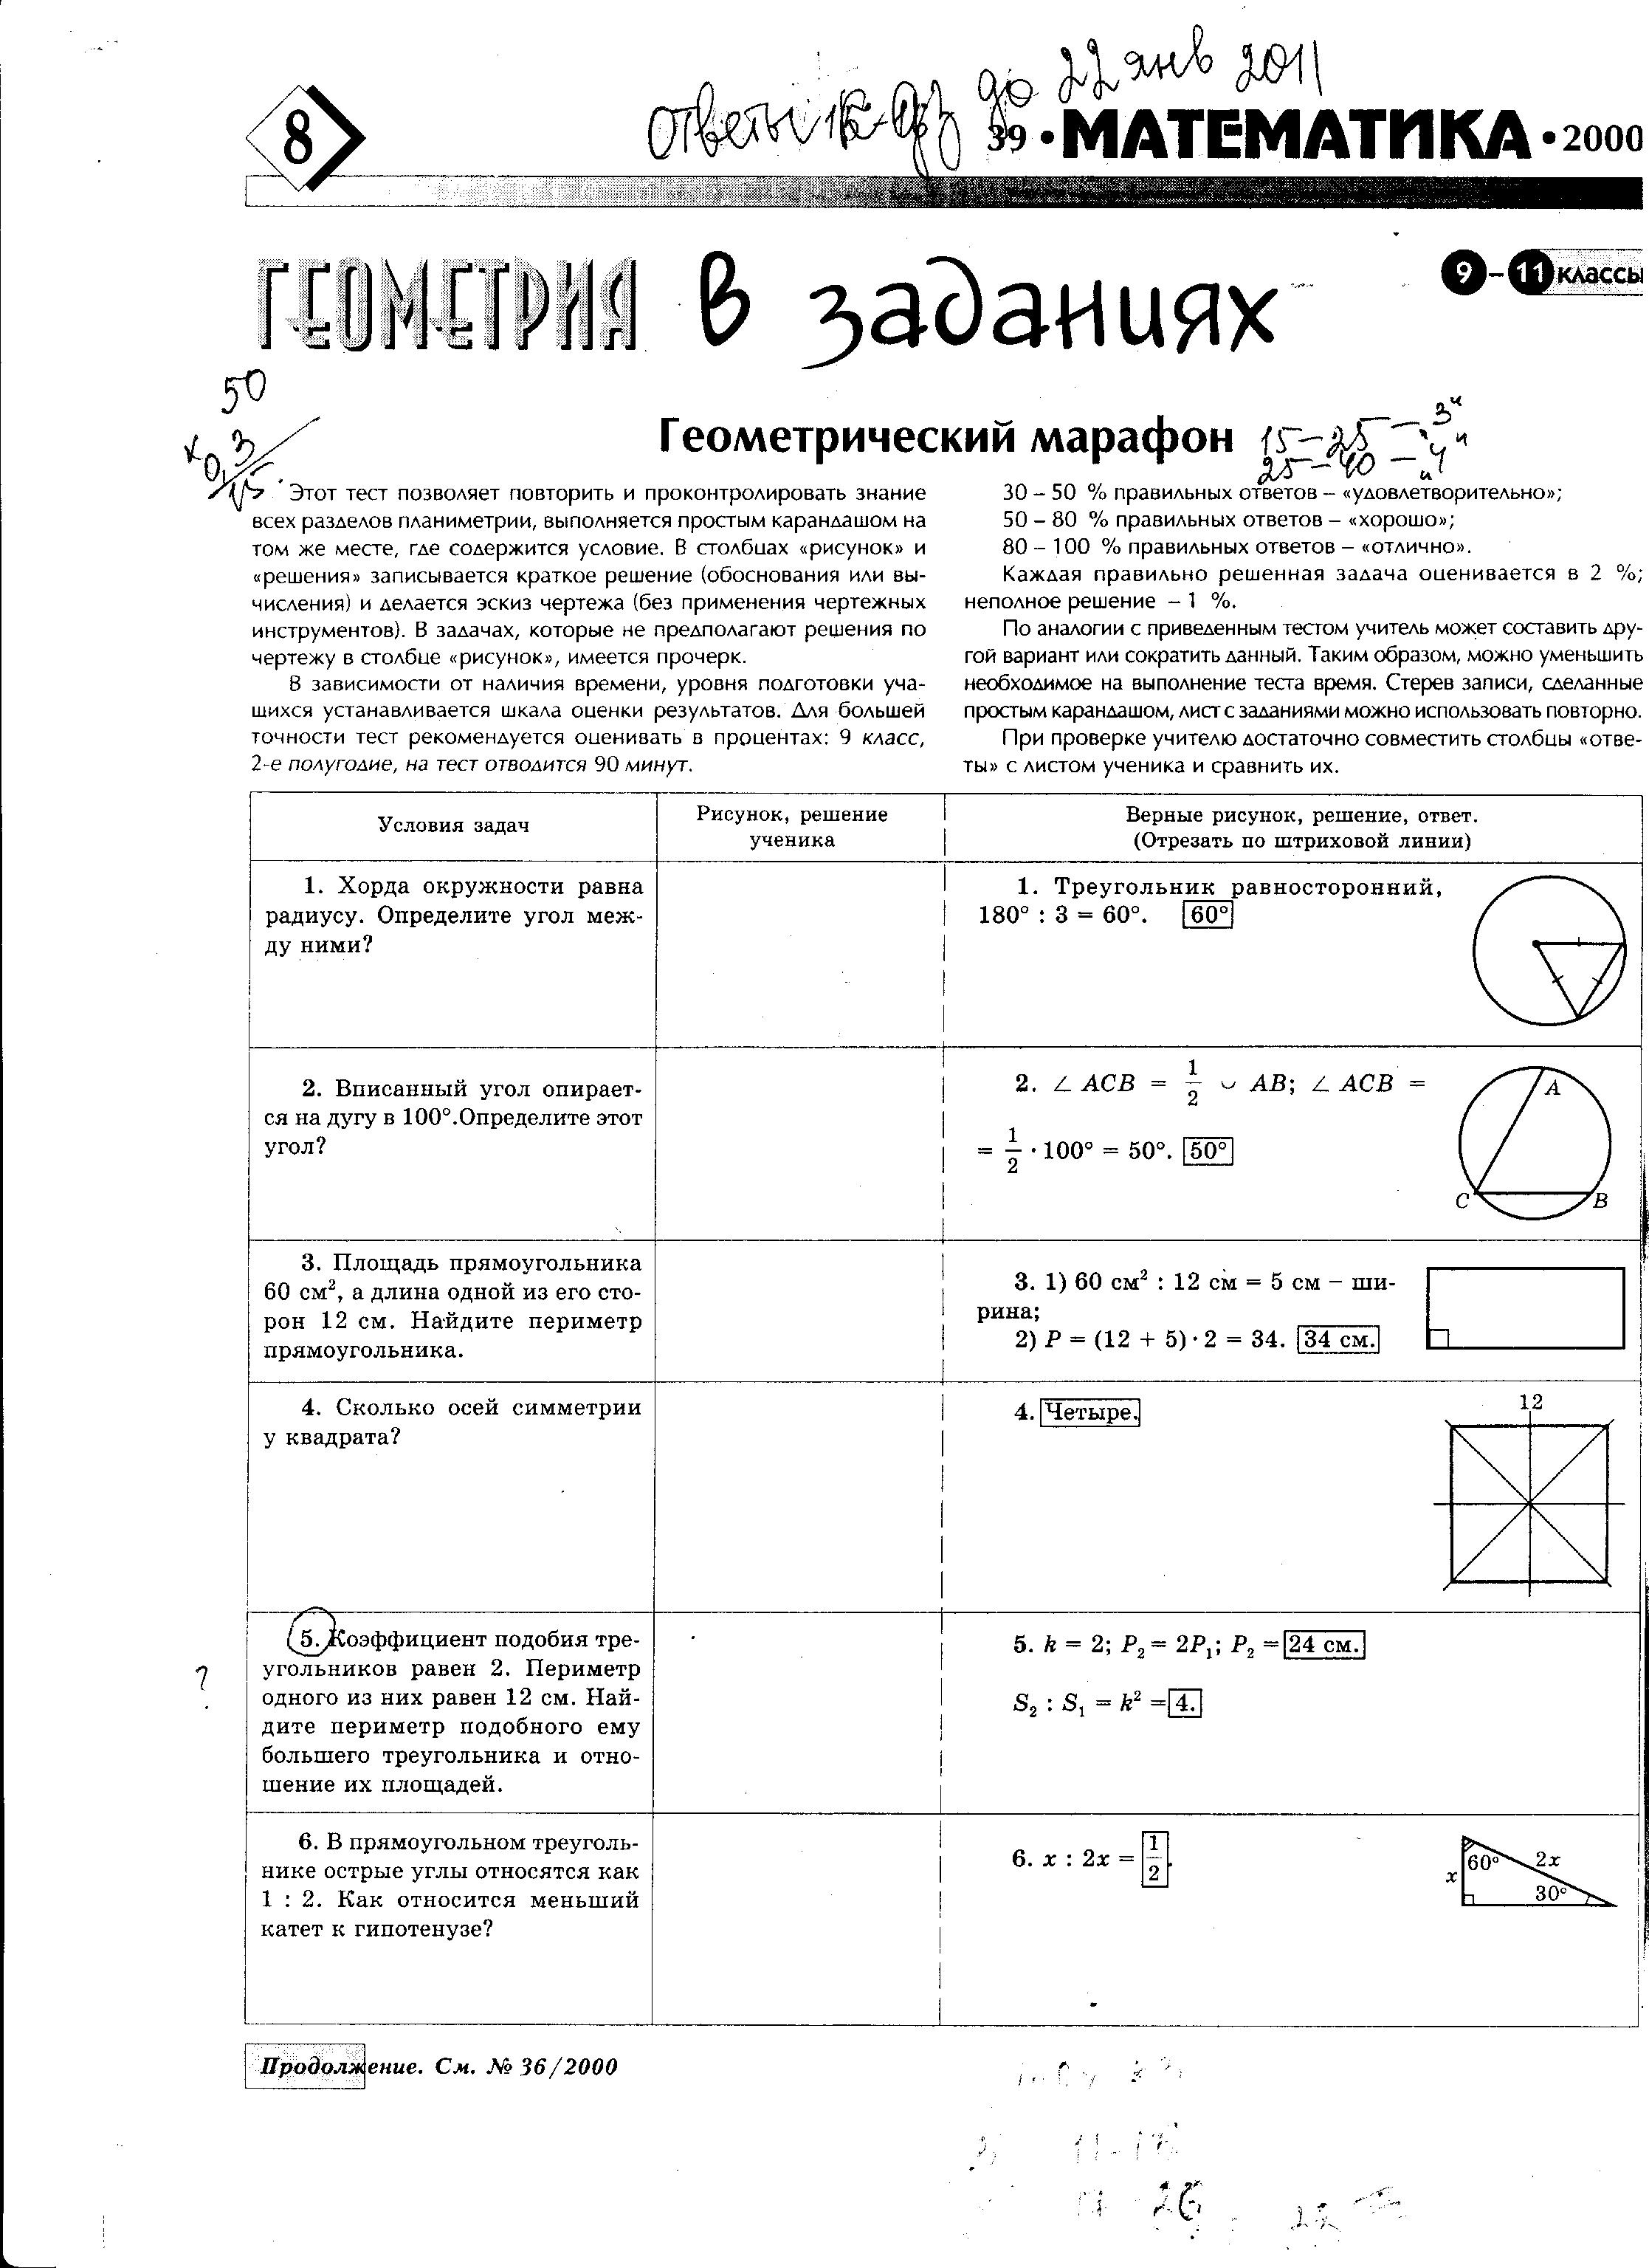 Повторение планиметрии контрольная работа 6517